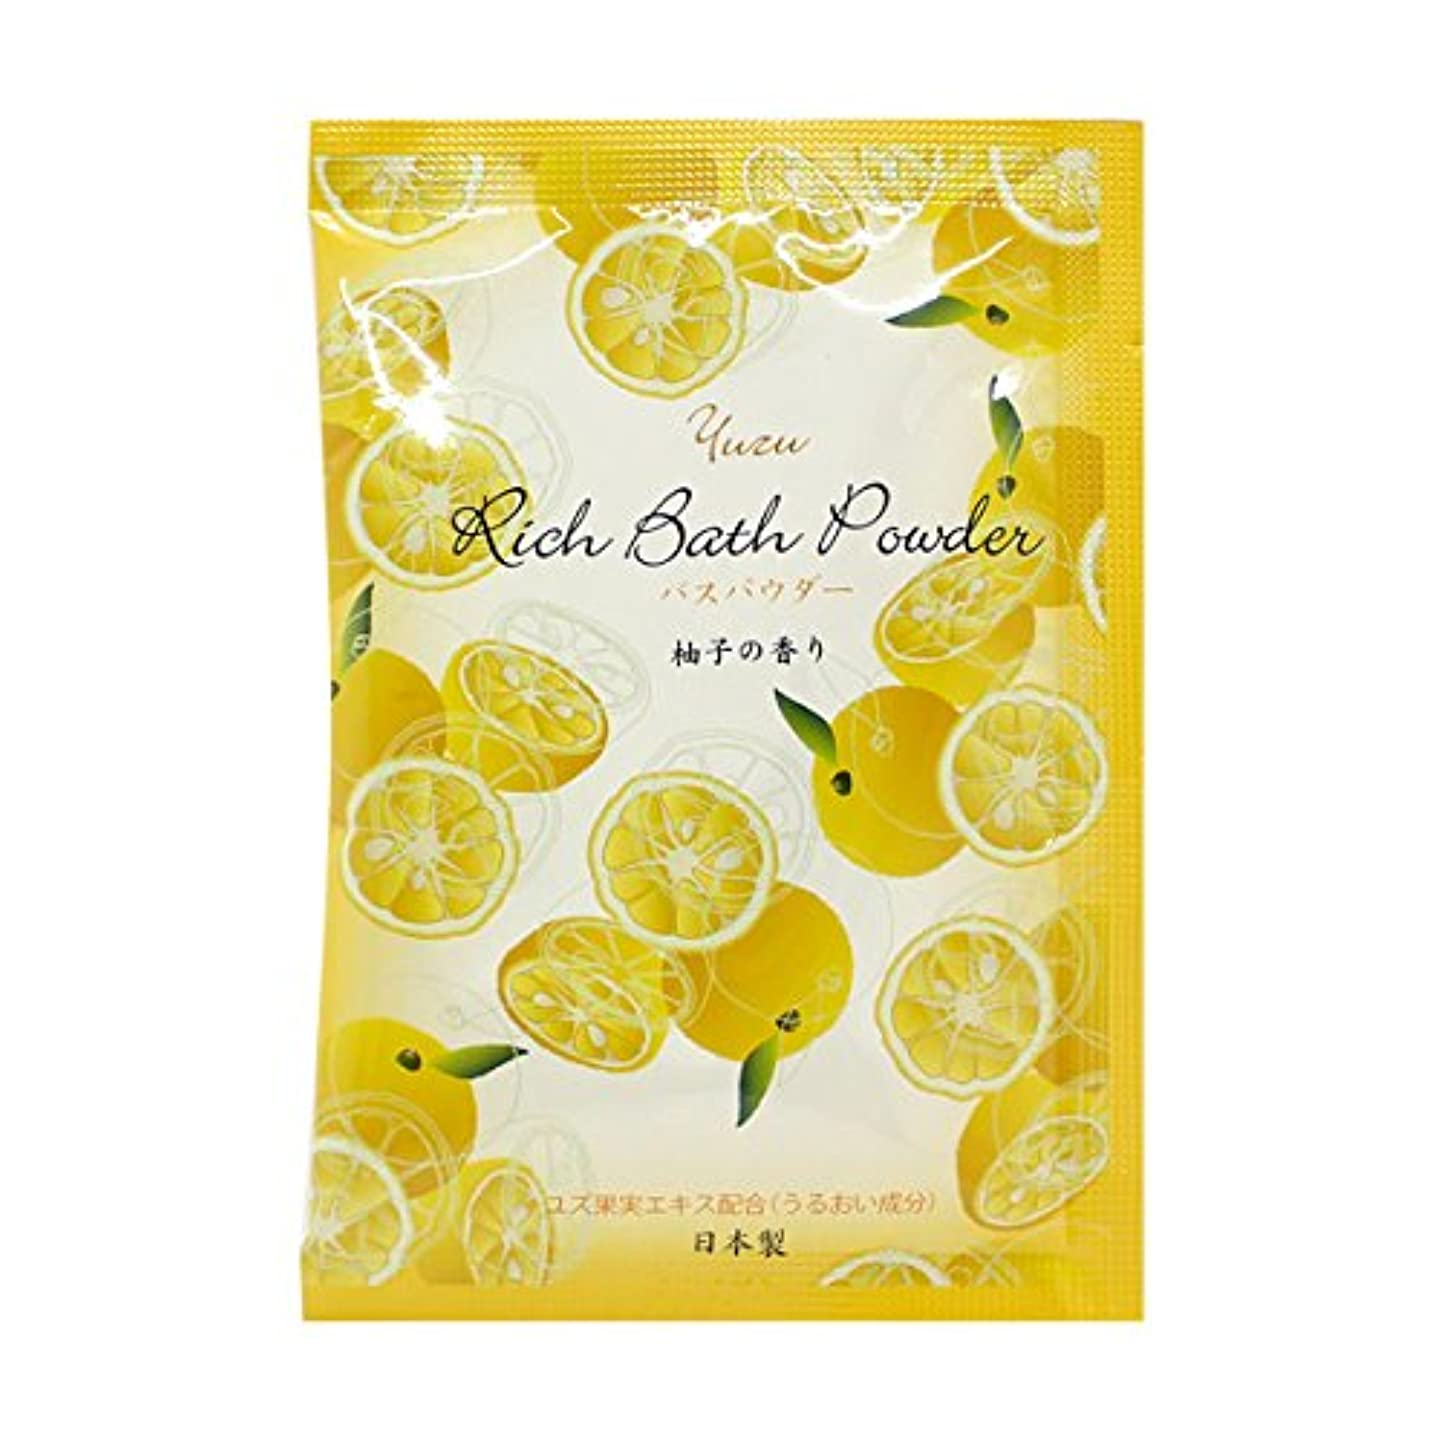 増強する反響する組み合わせハーバルエクストラ リッチバスパウダー 「柚子の香り」30個